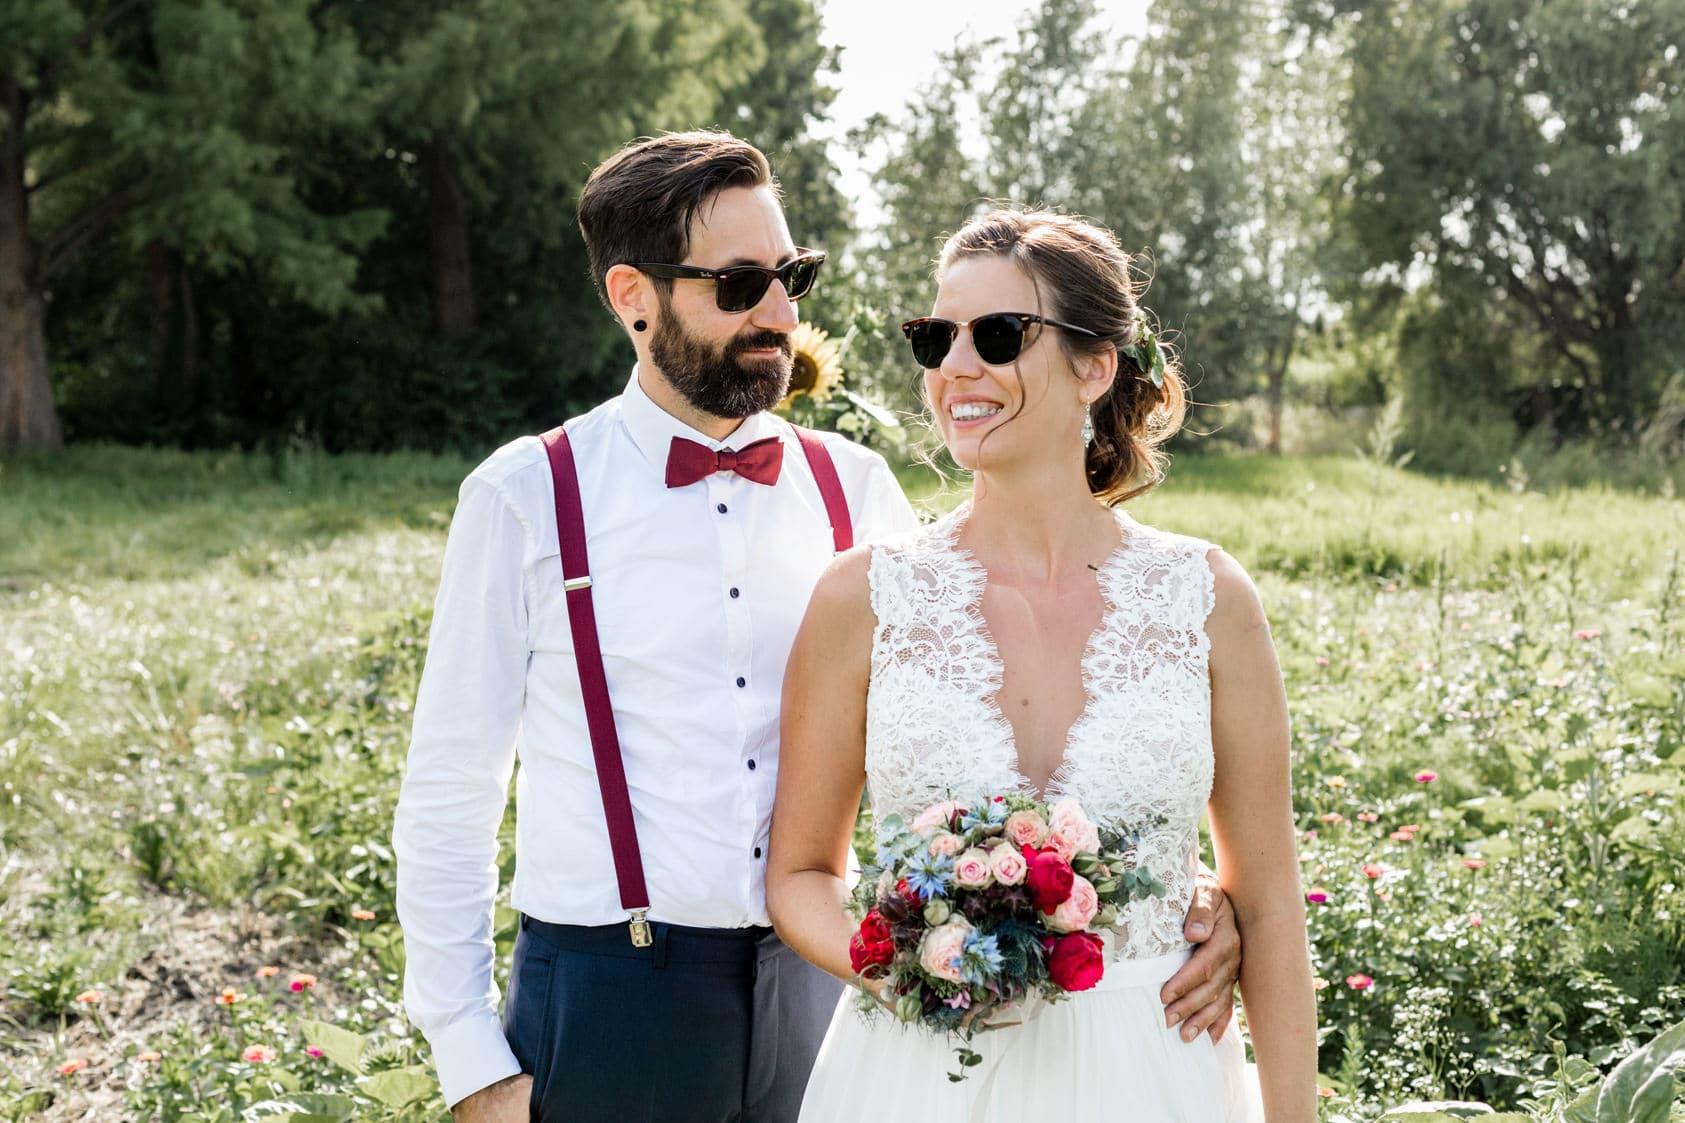 Fotograf & Hochzeitsfotograf Darmstadt Von Katharina Zwerger